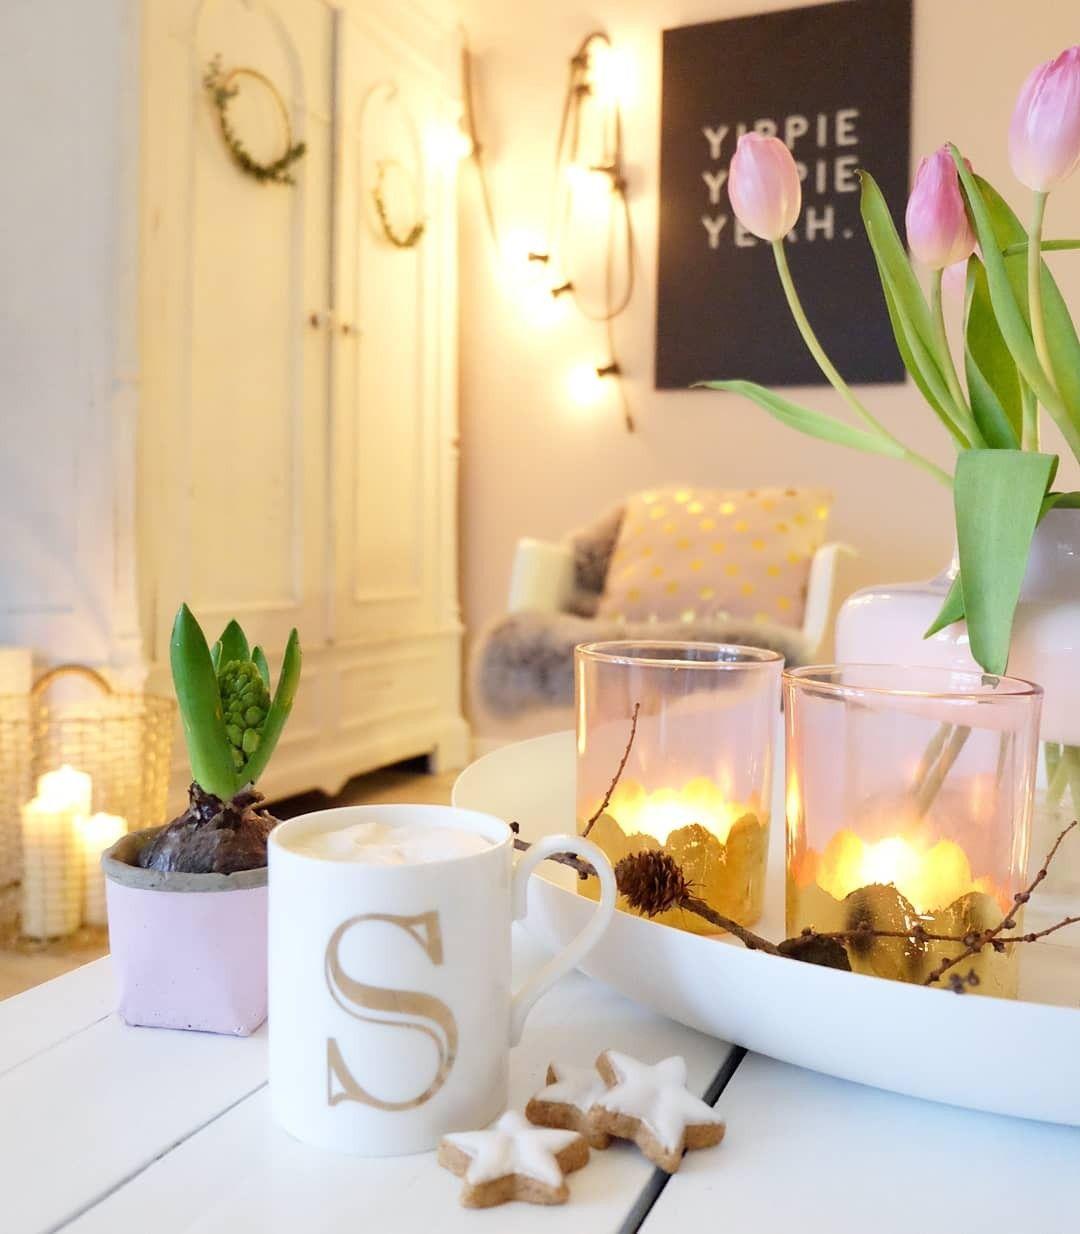 Fruhling Dekoration Wohnzimmer Interior Kaffee Deko Im Januar In